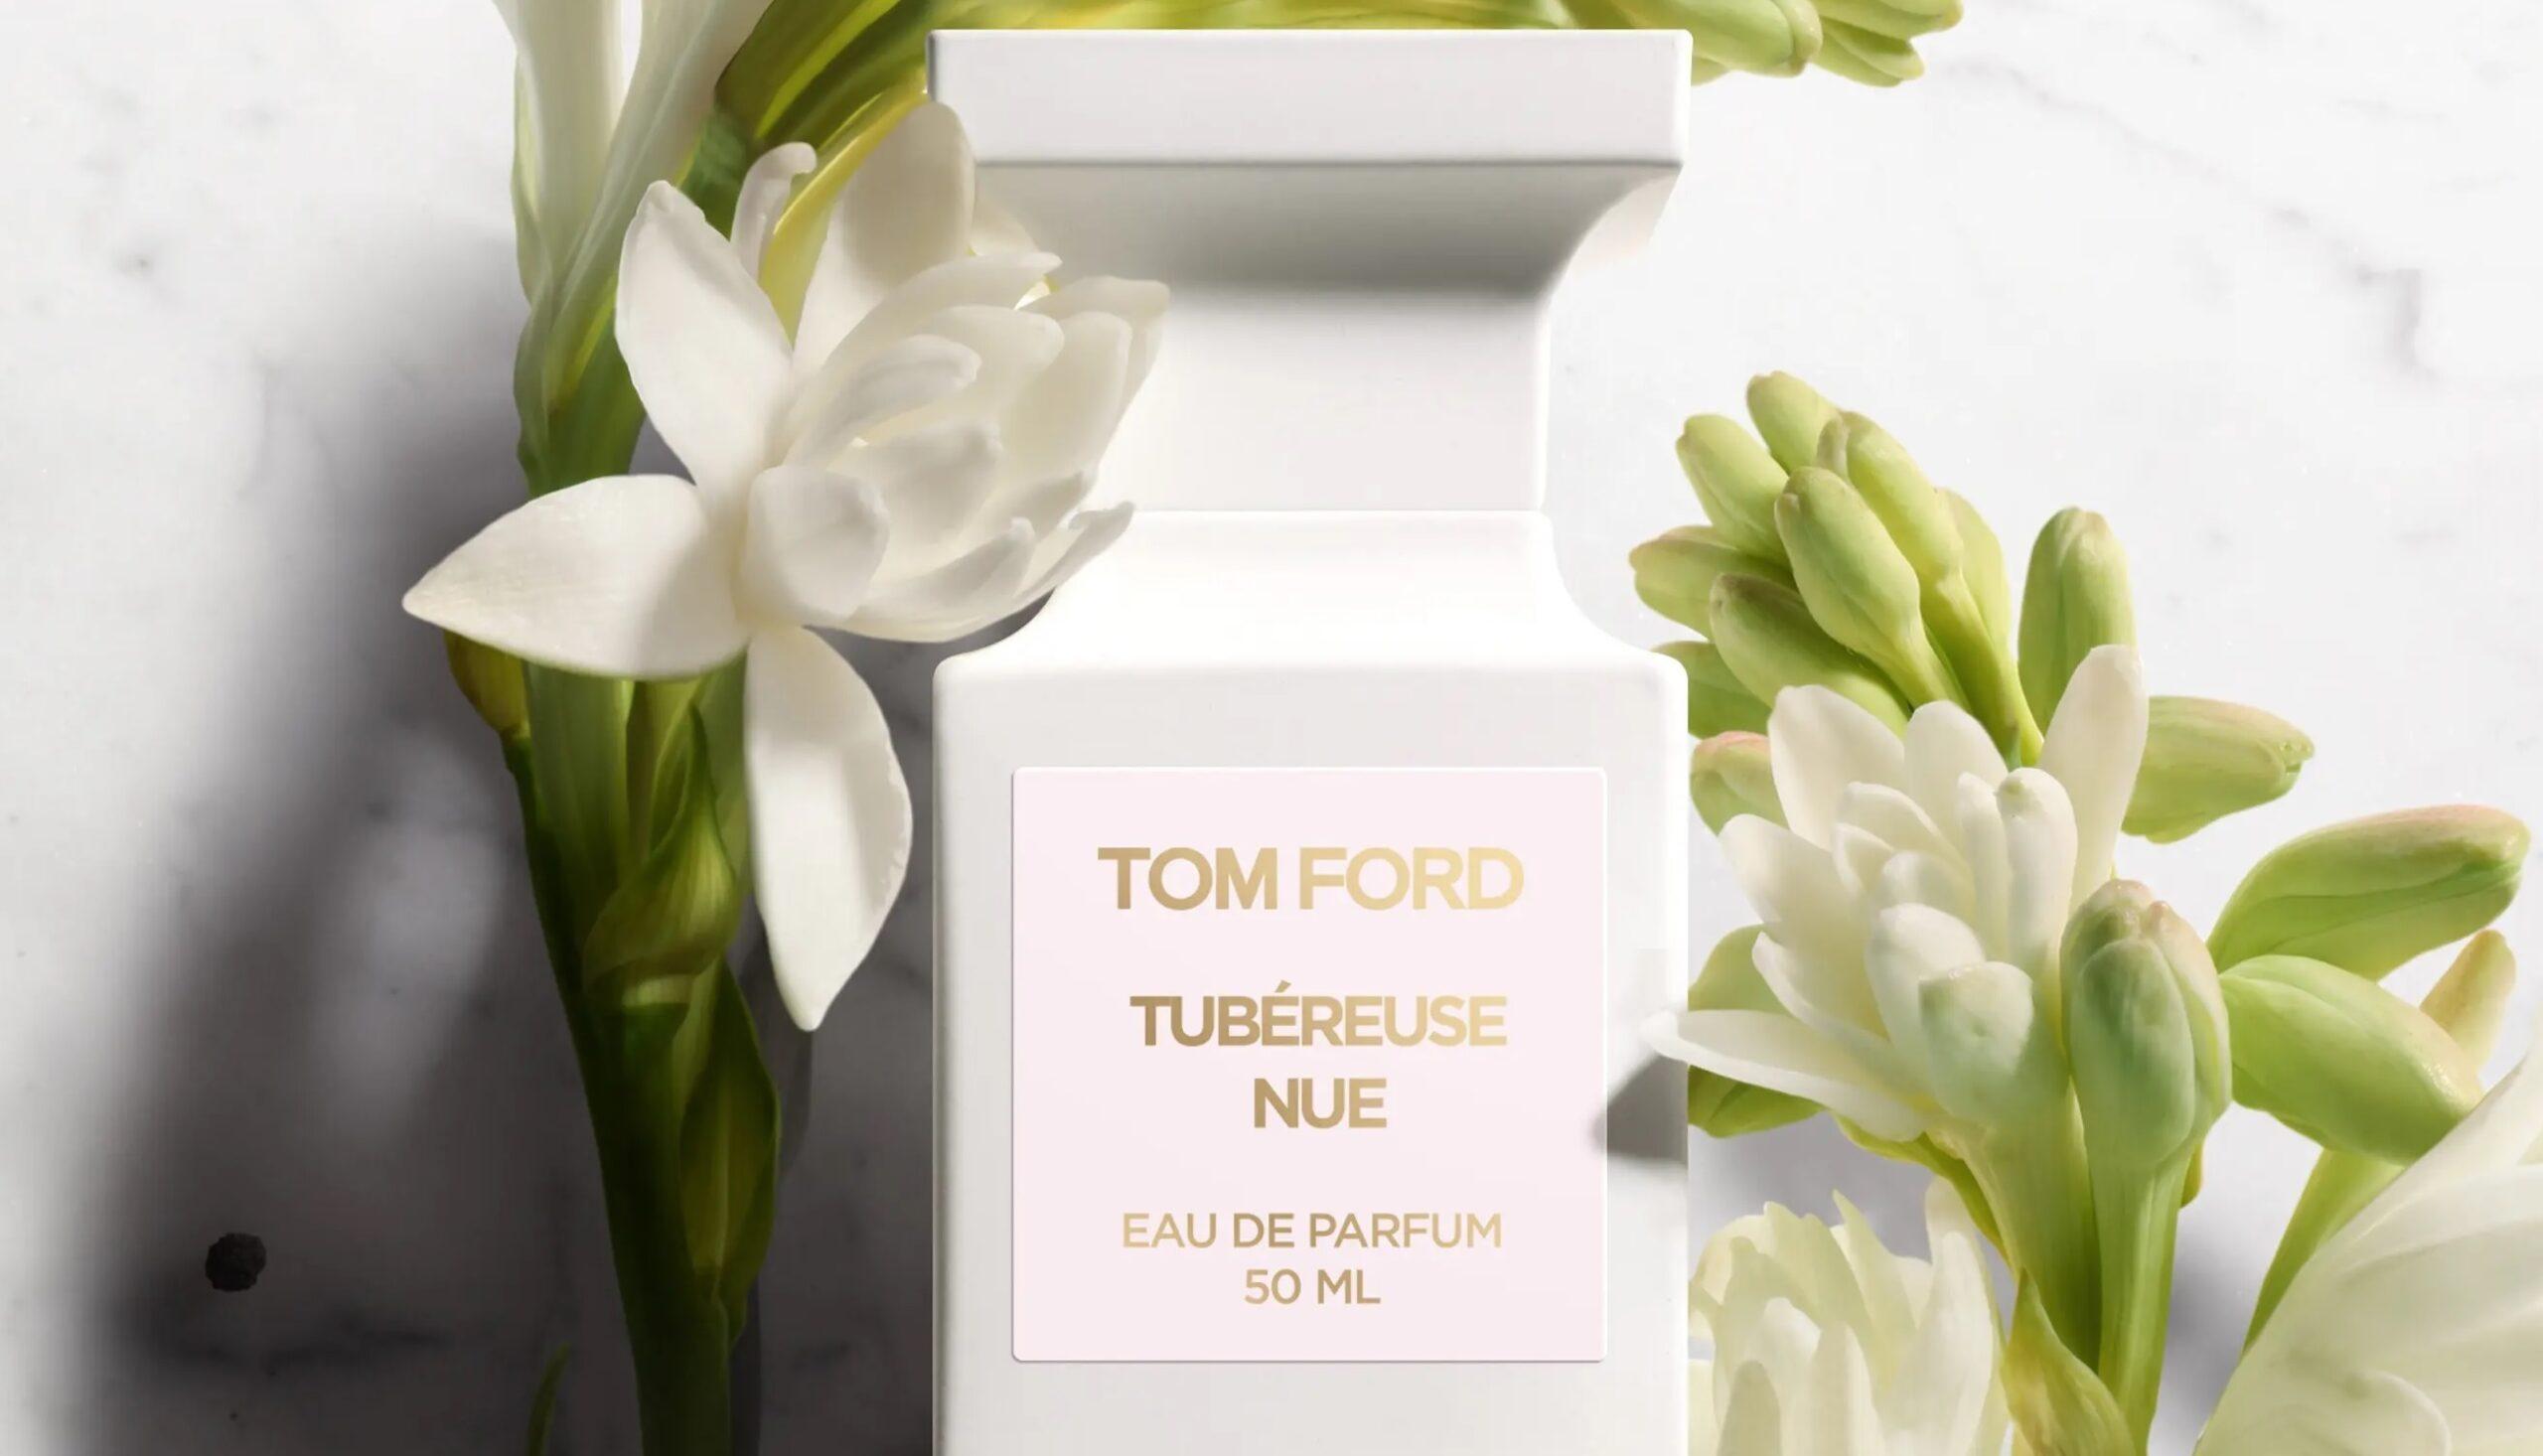 Tom Ford Tubereuse Nue